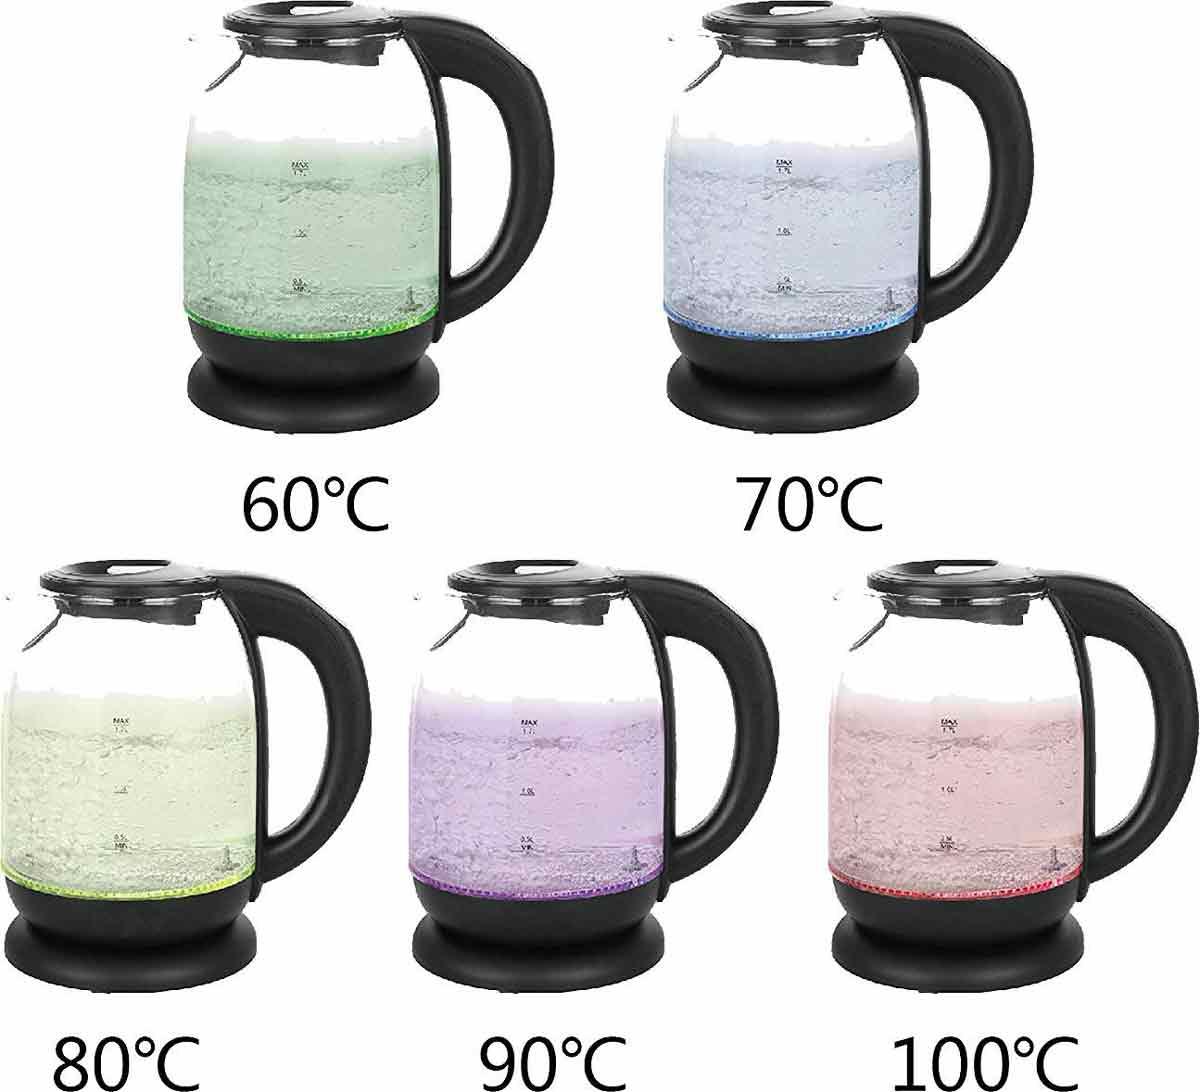 Glas-Wasserkocher mit Temperatur-Regelung und Tee-Filter Tee-Kocher Melissa 16130305 – Bild 5